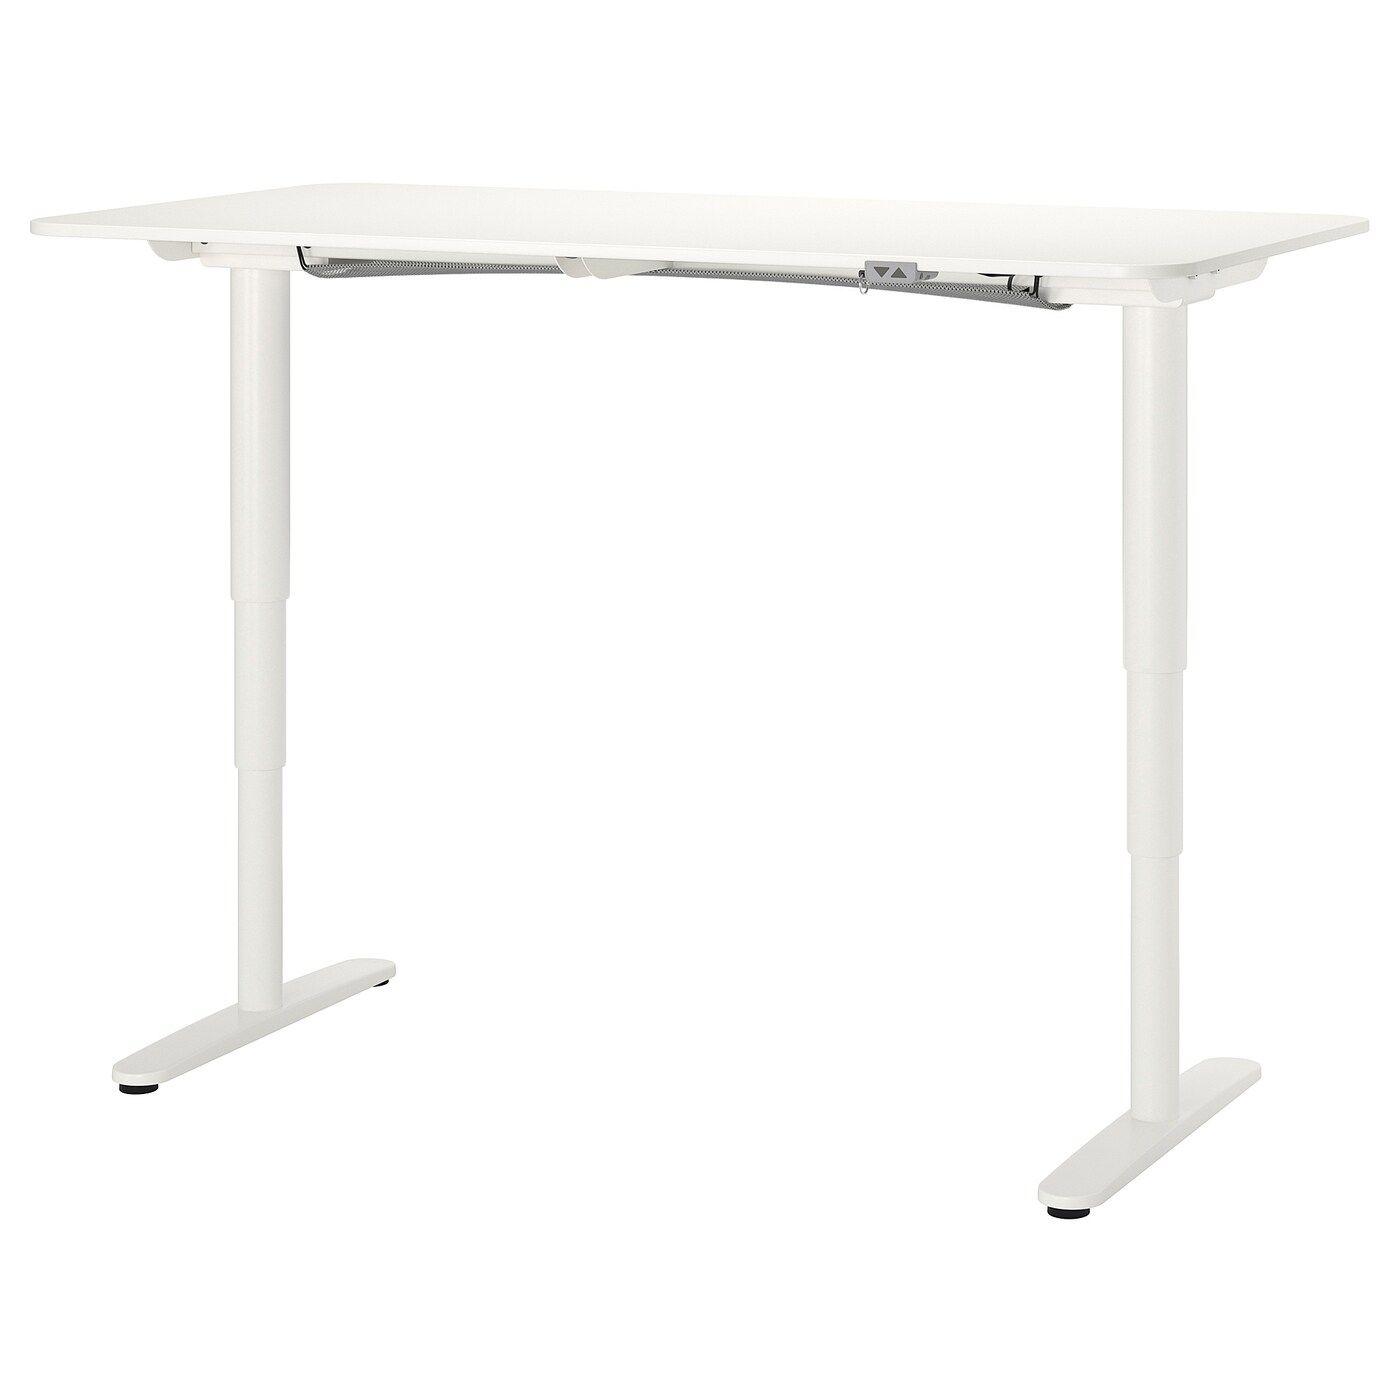 Bekant Schreibtisch Sitz Steh Weiss Ikea Deutschland In 2020 Ikea Design Verstellbarer Tisch Schreibtisch